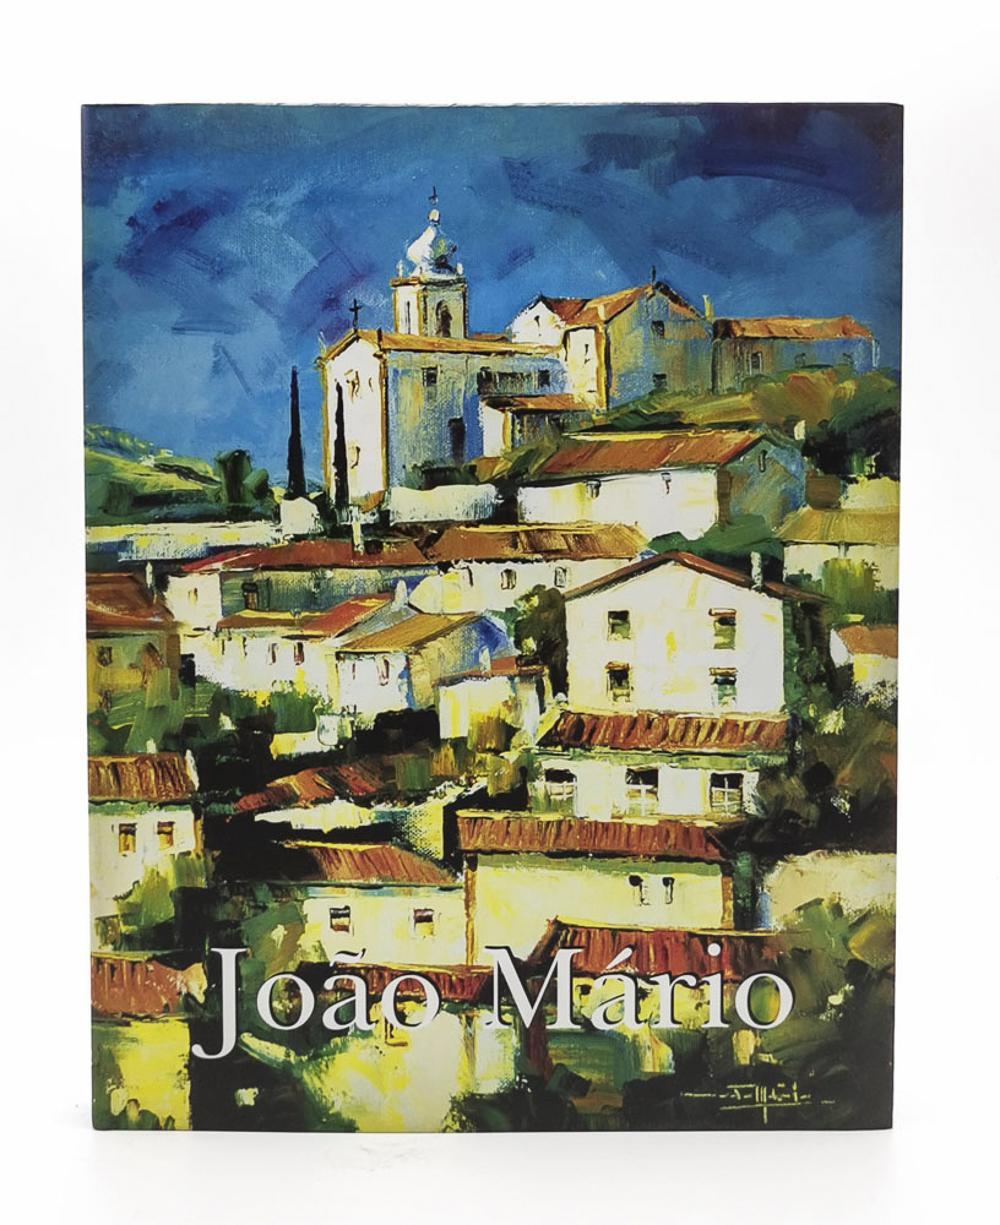 JOÃO MÁRIO, 1 vol. enc.